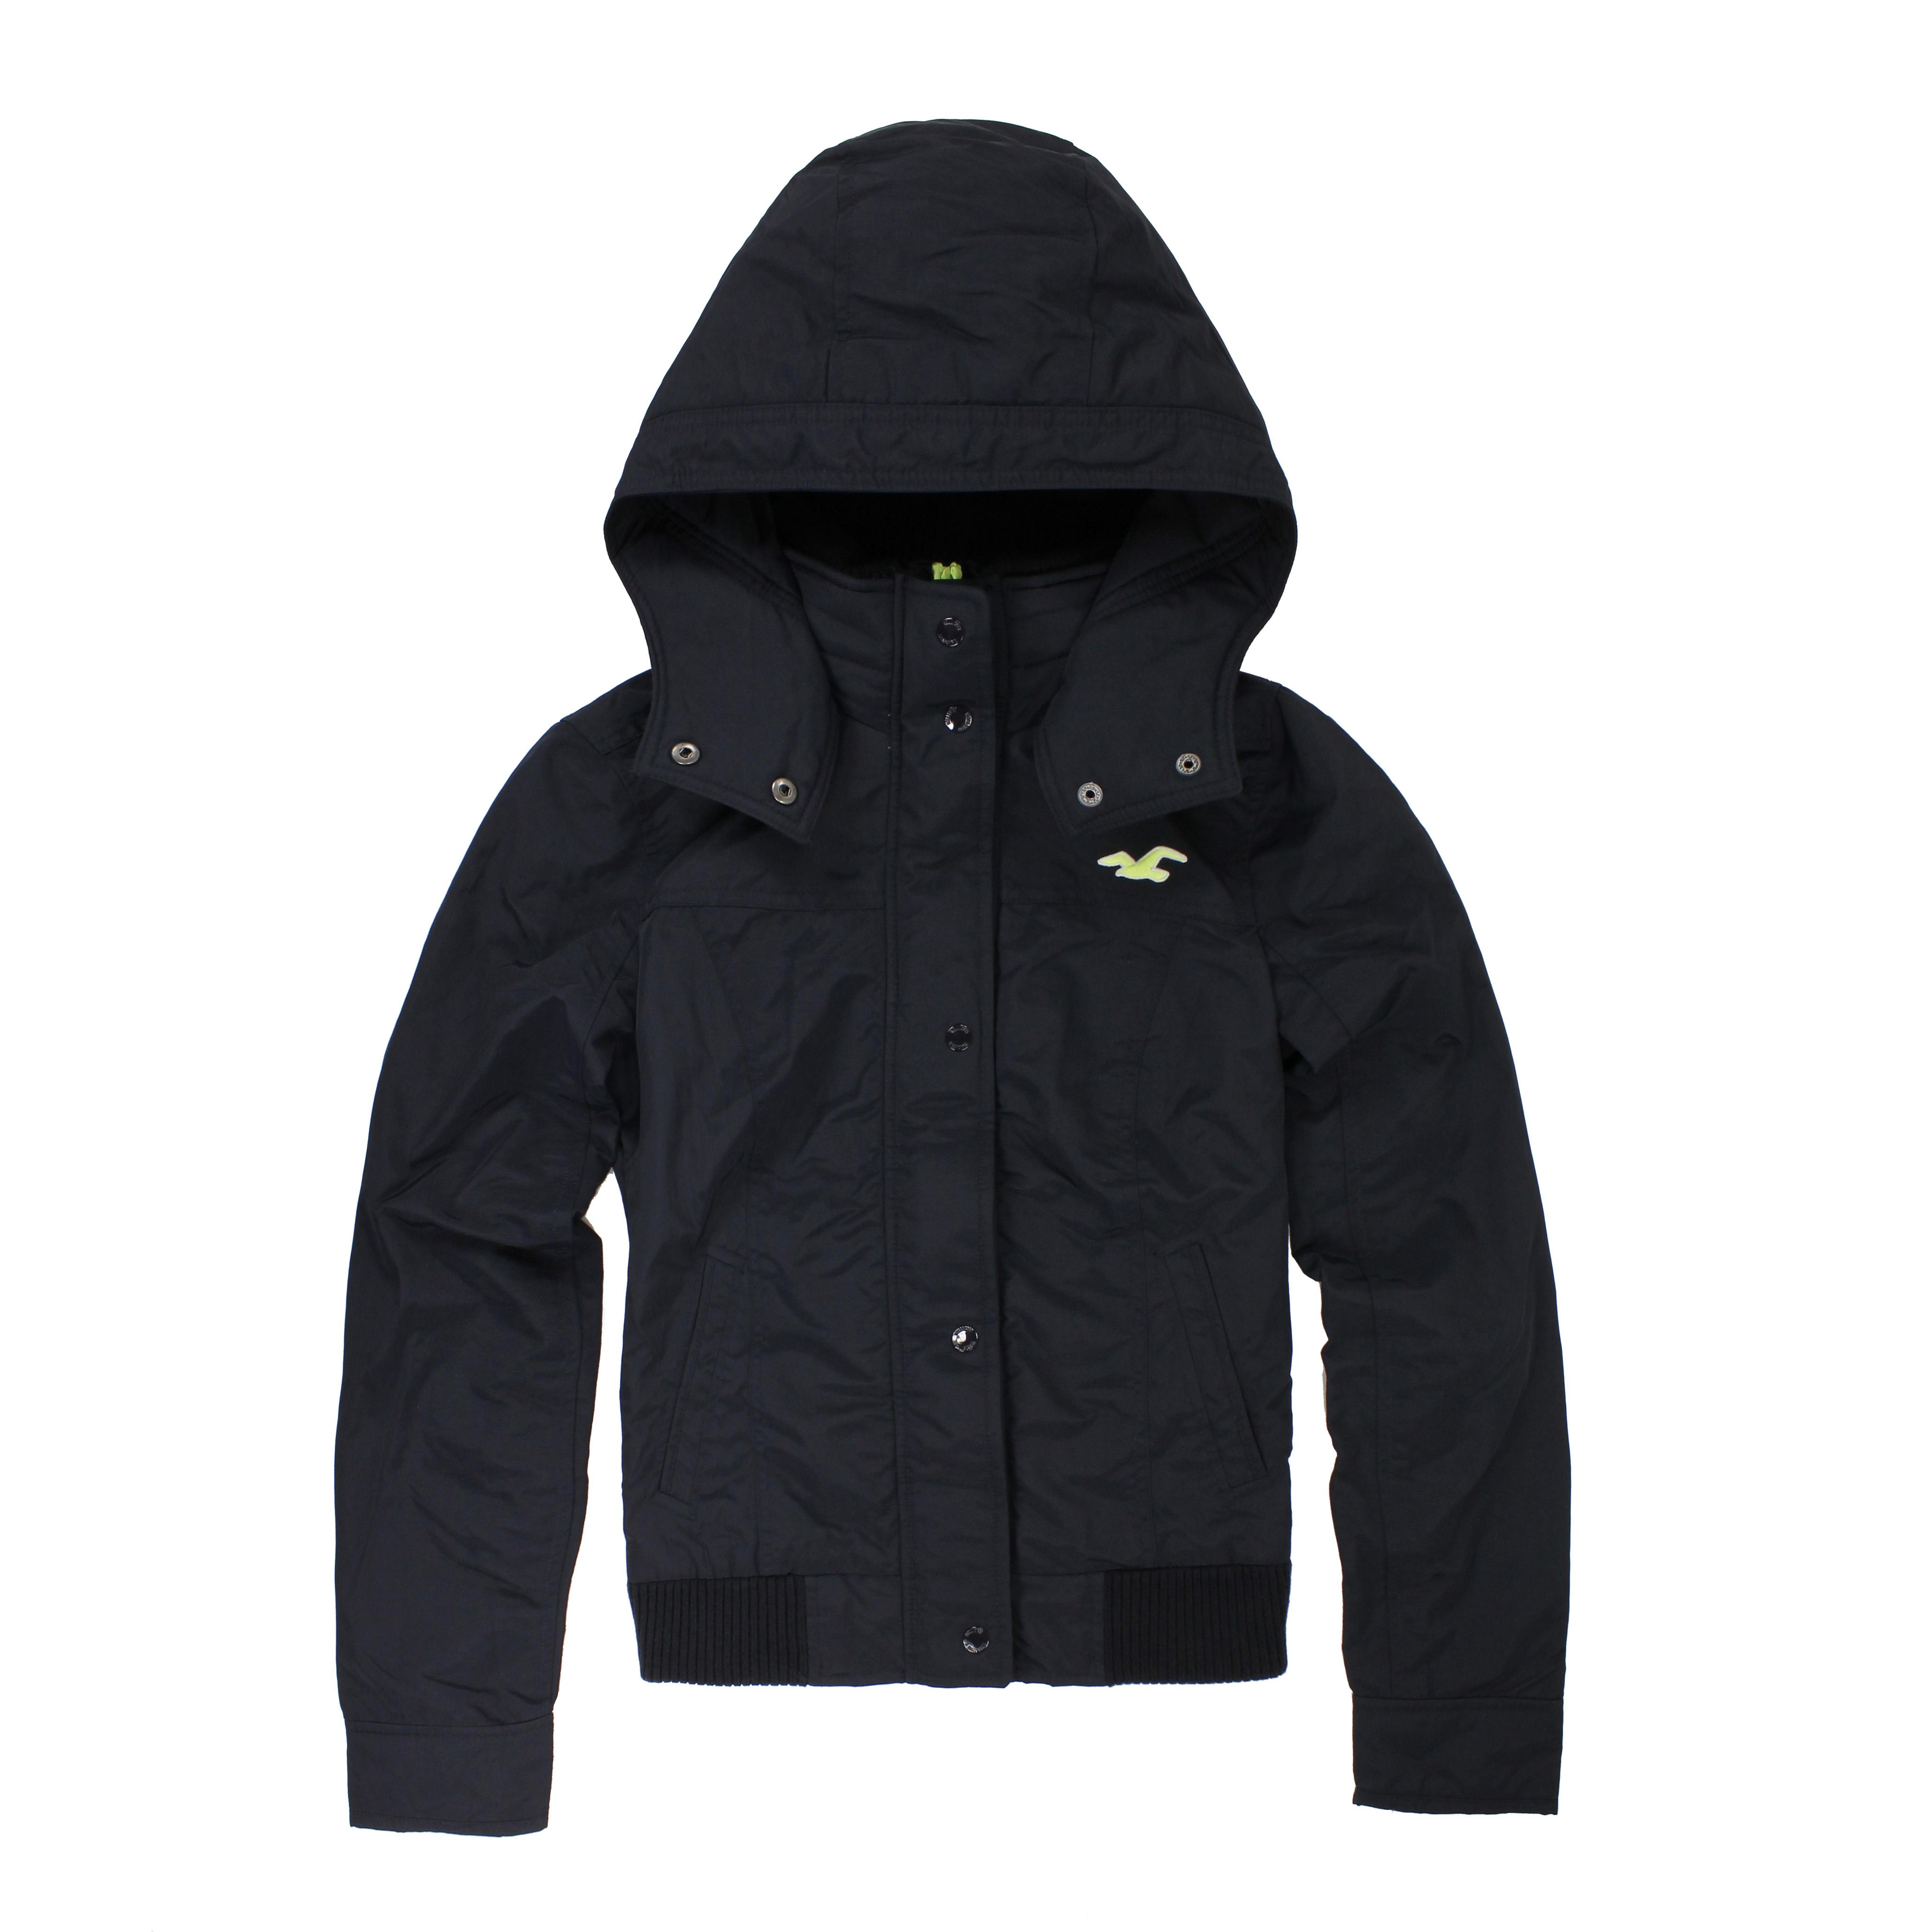 美國百分百【全新真品】Hollister Co. HCO 海鷗 女 深藍 休閒 鋪棉 保暖 連帽 外套 M號 E299